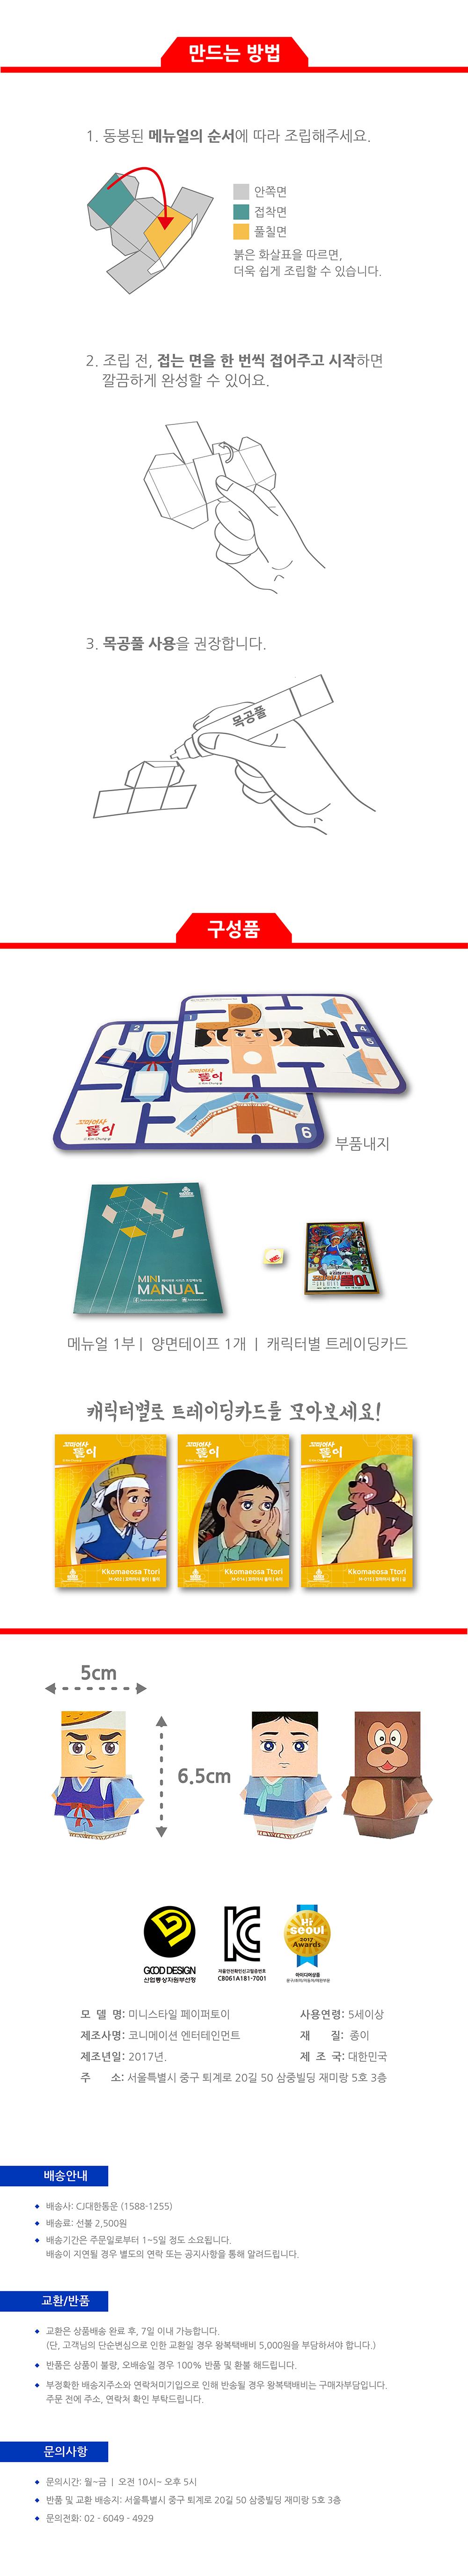 미니스타일 페이퍼토이 - 꼬마어사 똘이 시리즈 - 페이퍼봇, 4,000원, 페이퍼 토이, 캐릭터